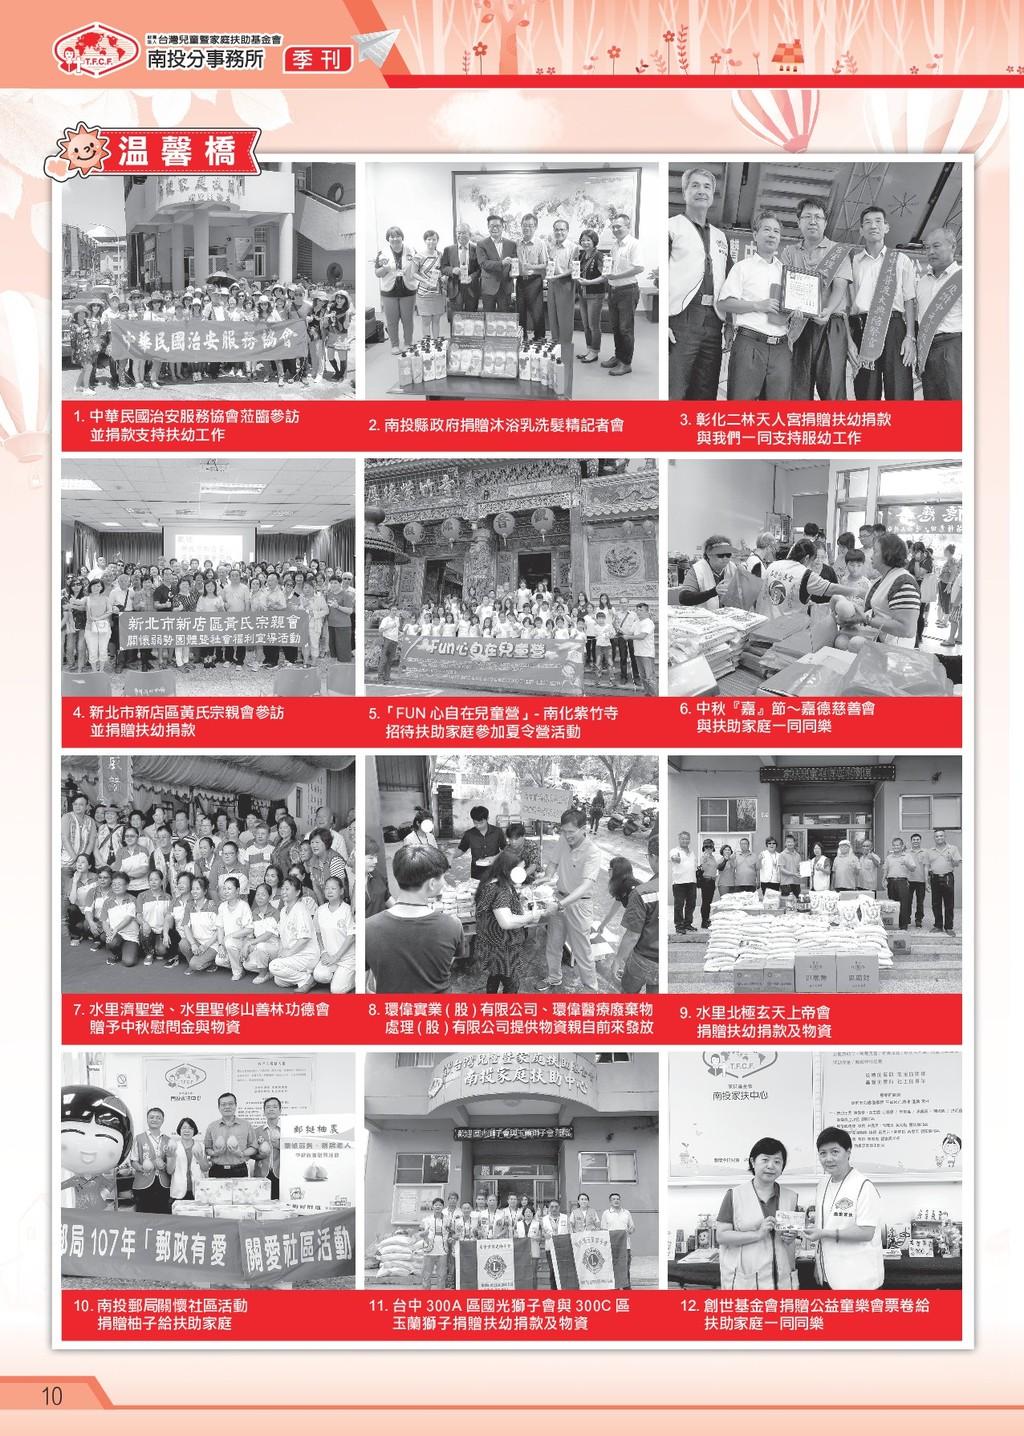 季 刊 10 1. 中華民國治安服務協會蒞臨參訪 並捐款支持扶幼工作 7. 水里濟聖堂、水里聖...